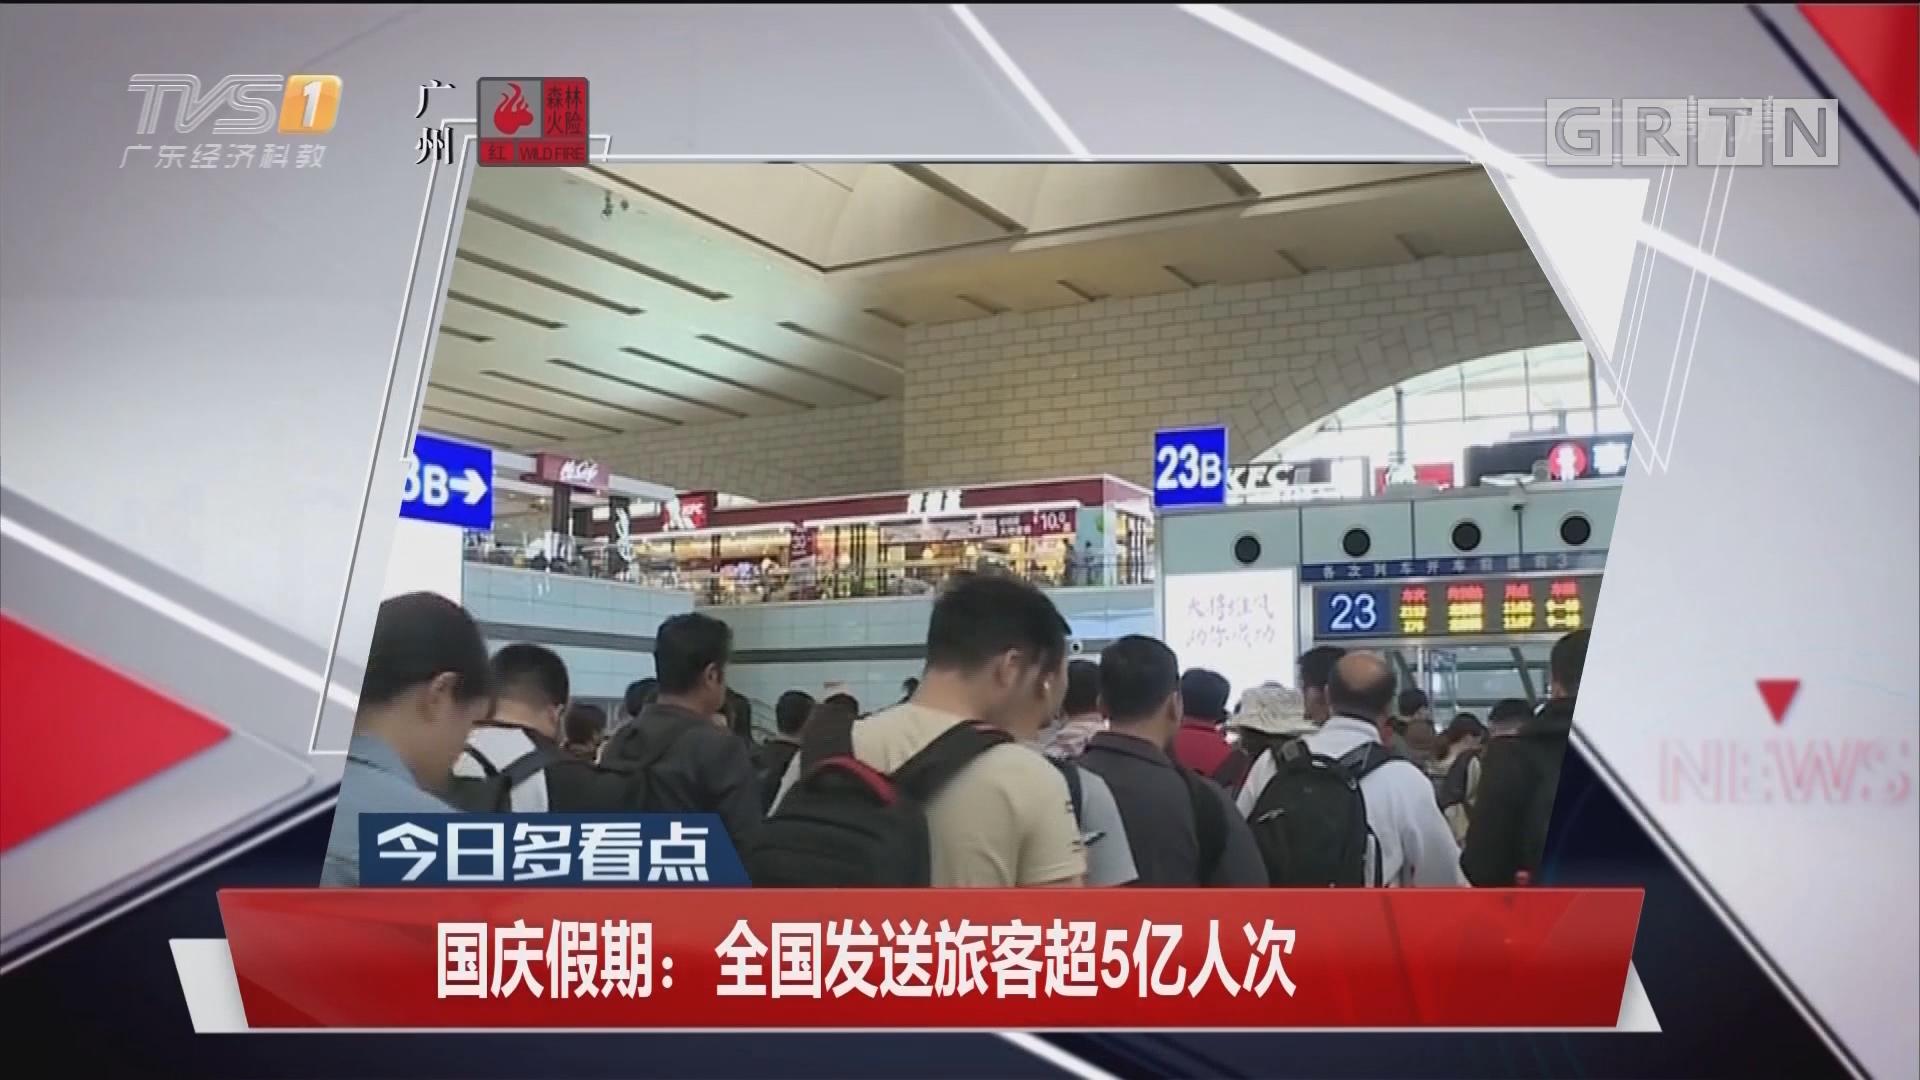 国庆假期:全国发送旅客超5亿人次